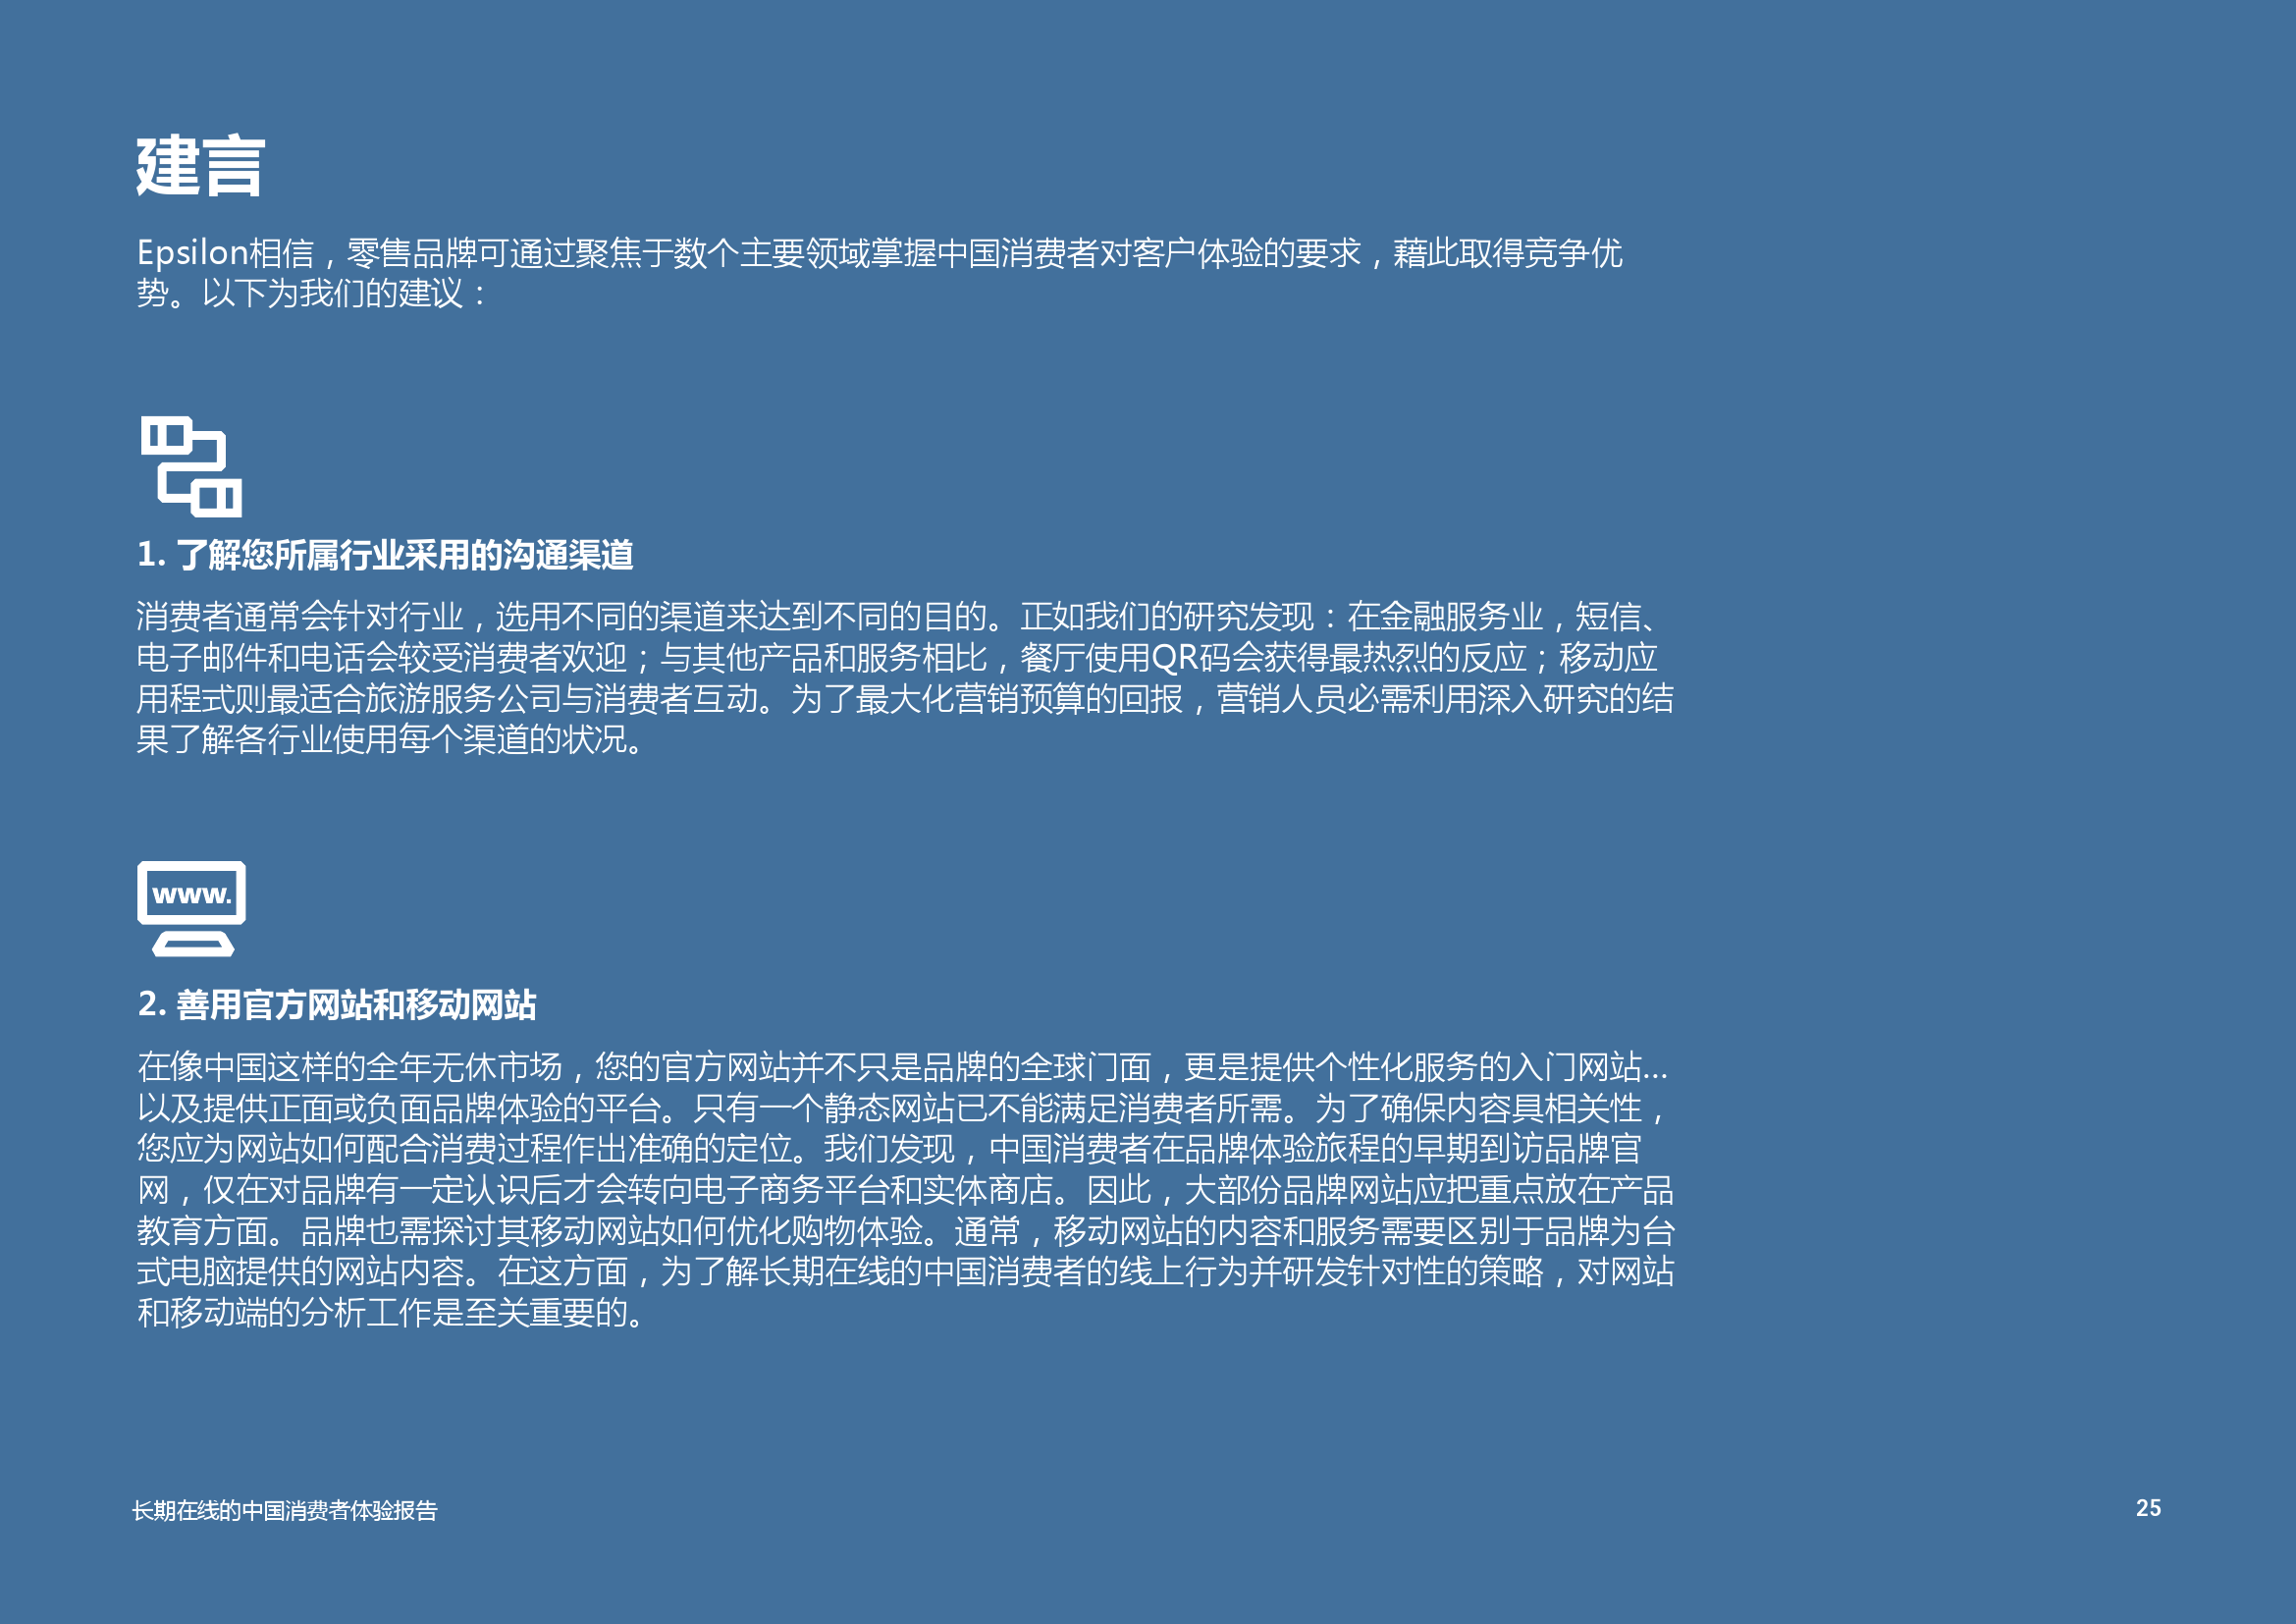 艾司隆 (Epsilon):2015中国消费者品牌体验报告_000025